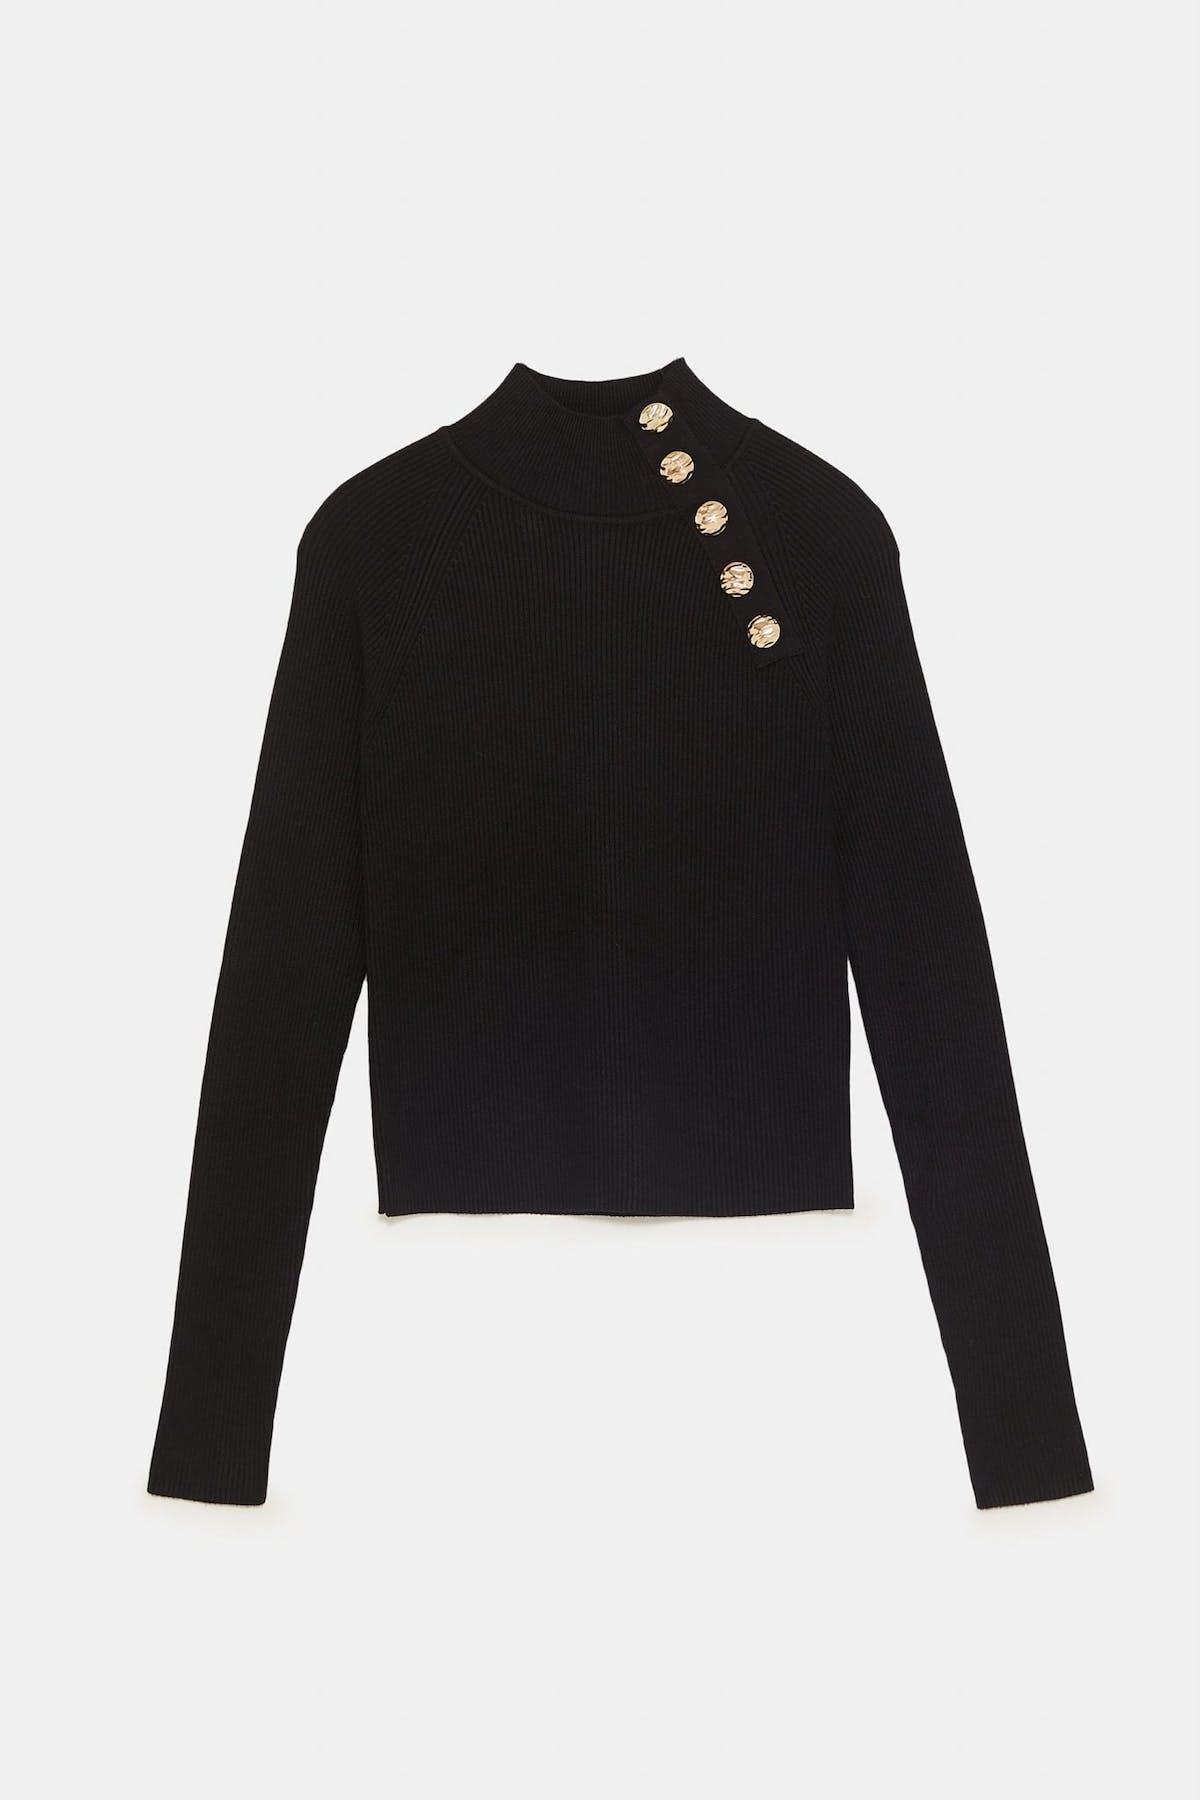 19248de9817 Women's Knitwear | Best Jumpers & Sweaters for Women